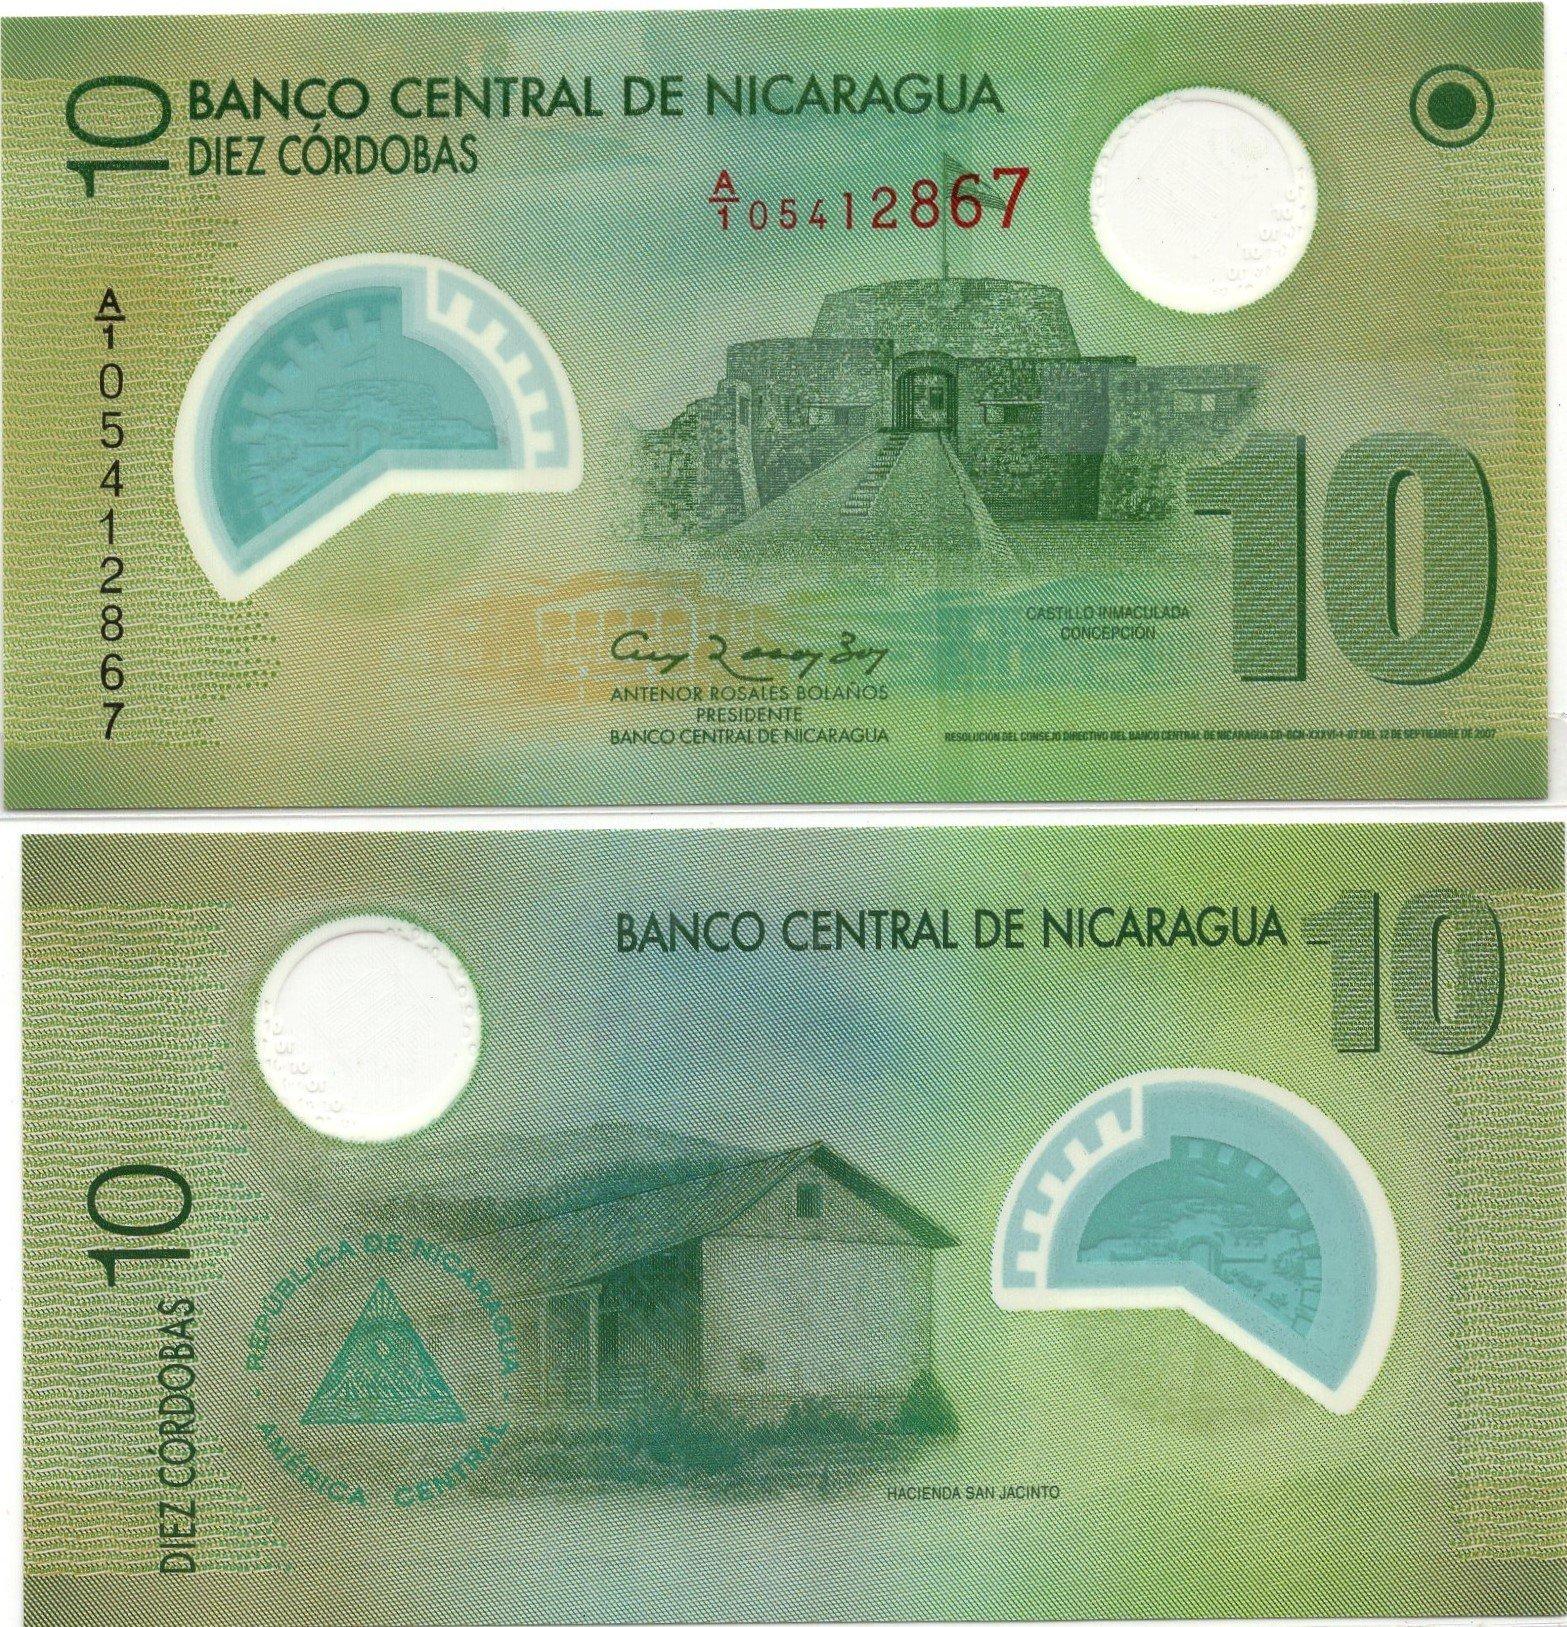 Nicaragua 10 cordobas 2007 banknote for sale